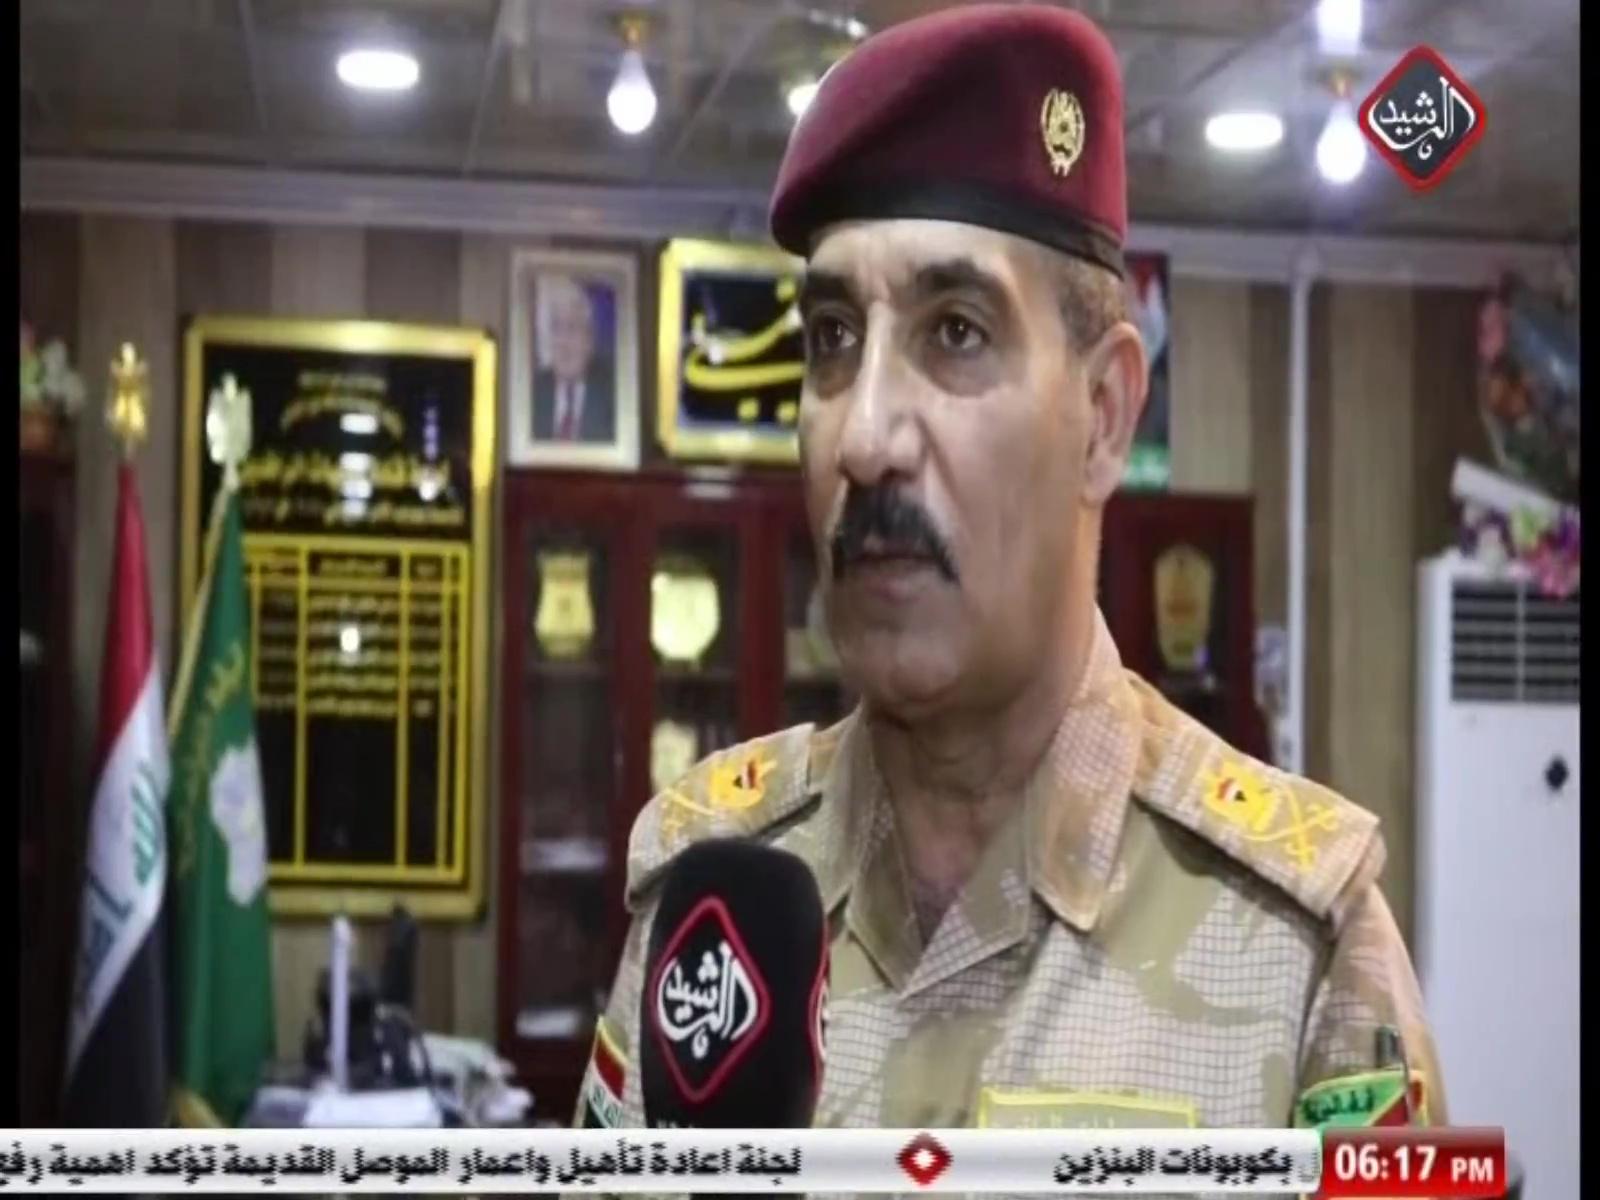 قائد عمليات الرافدين اللواء علي ابراهيم للرشيد